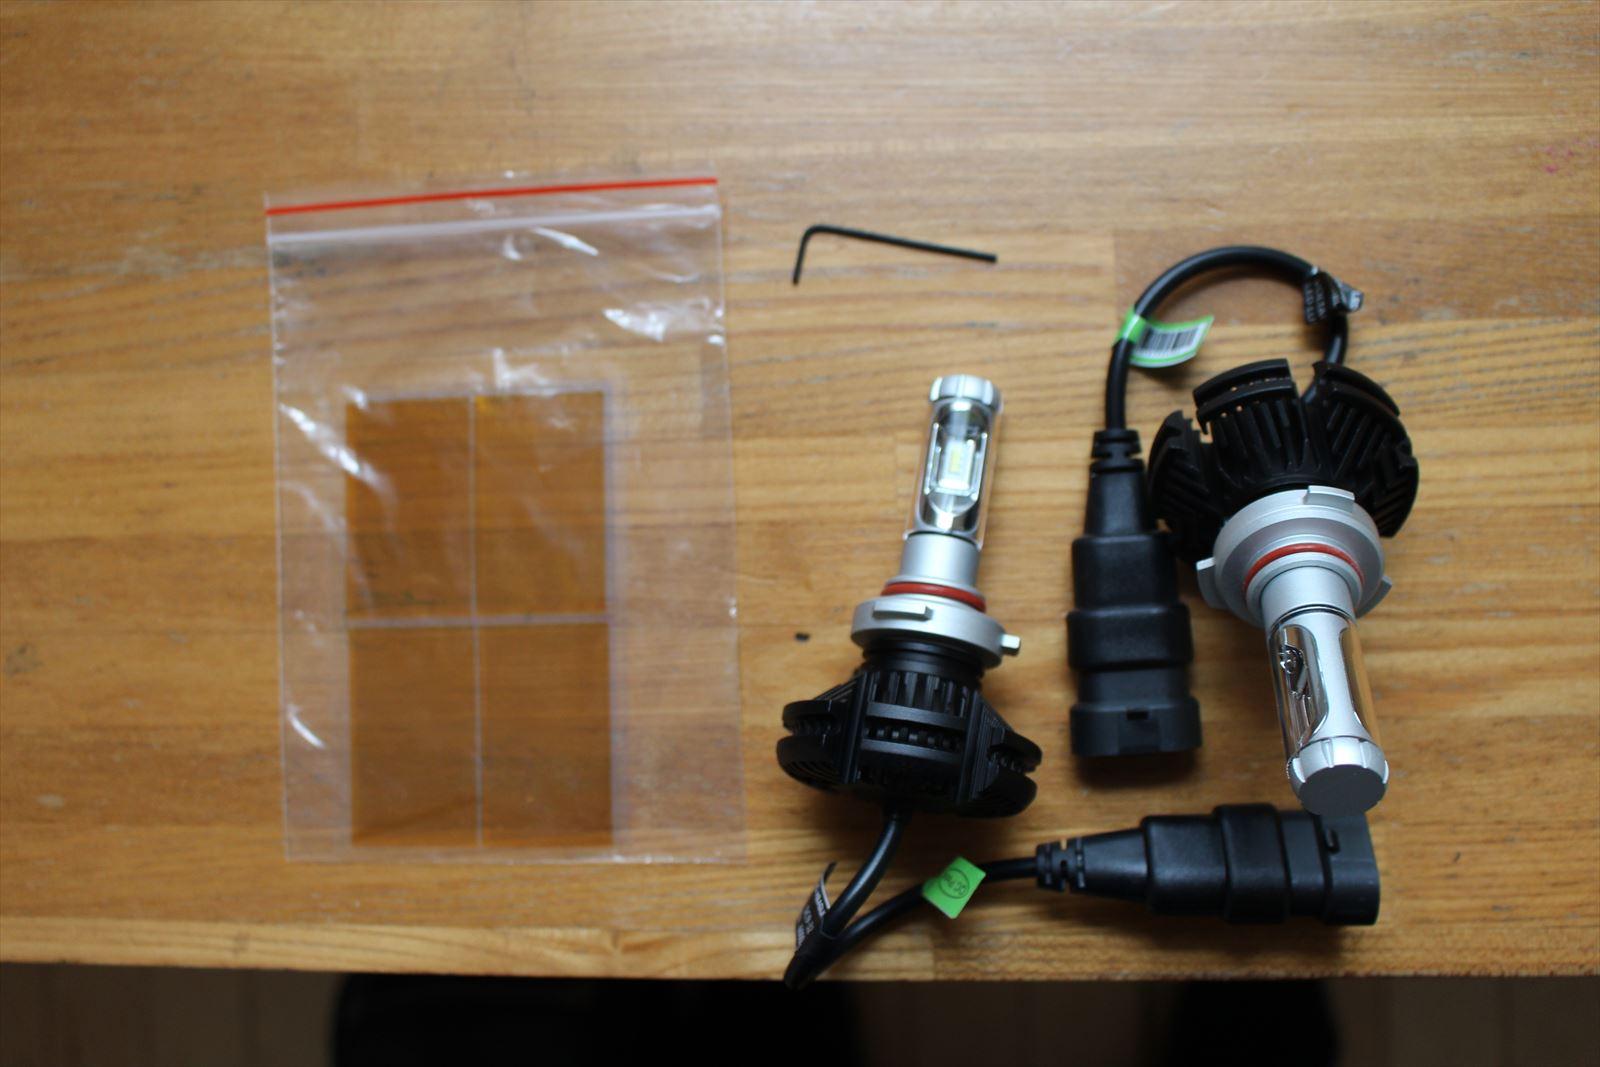 ハイビーム HB3 LED交換